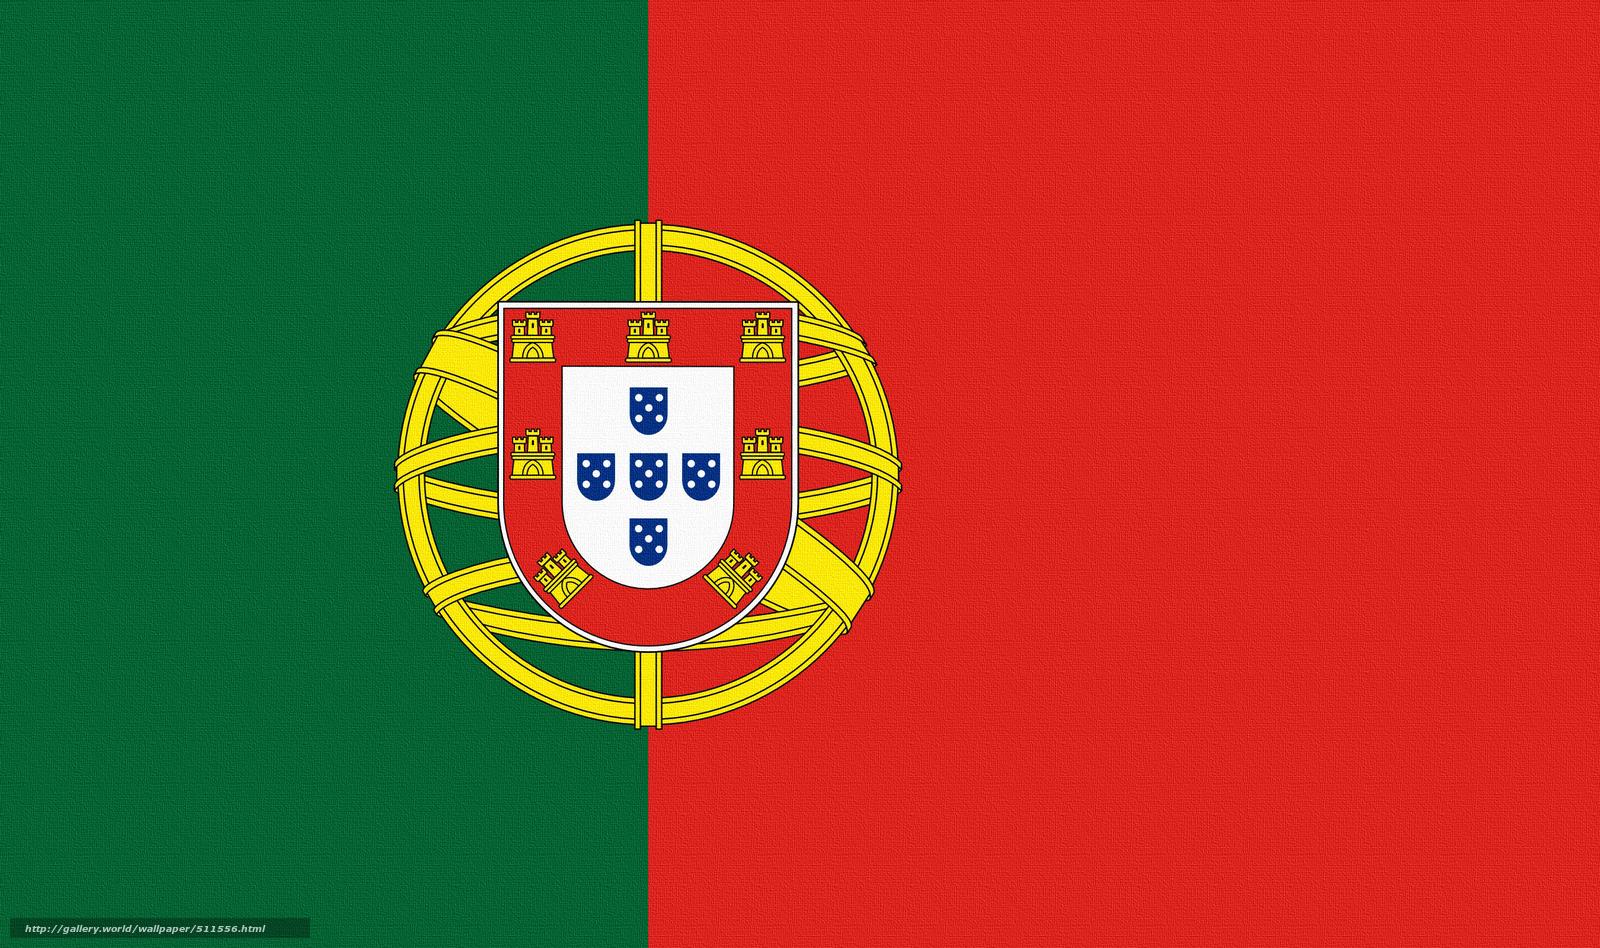 Tlcharger fond d 39 ecran blason portugal drapeau fonds d for Fond ecran portugal